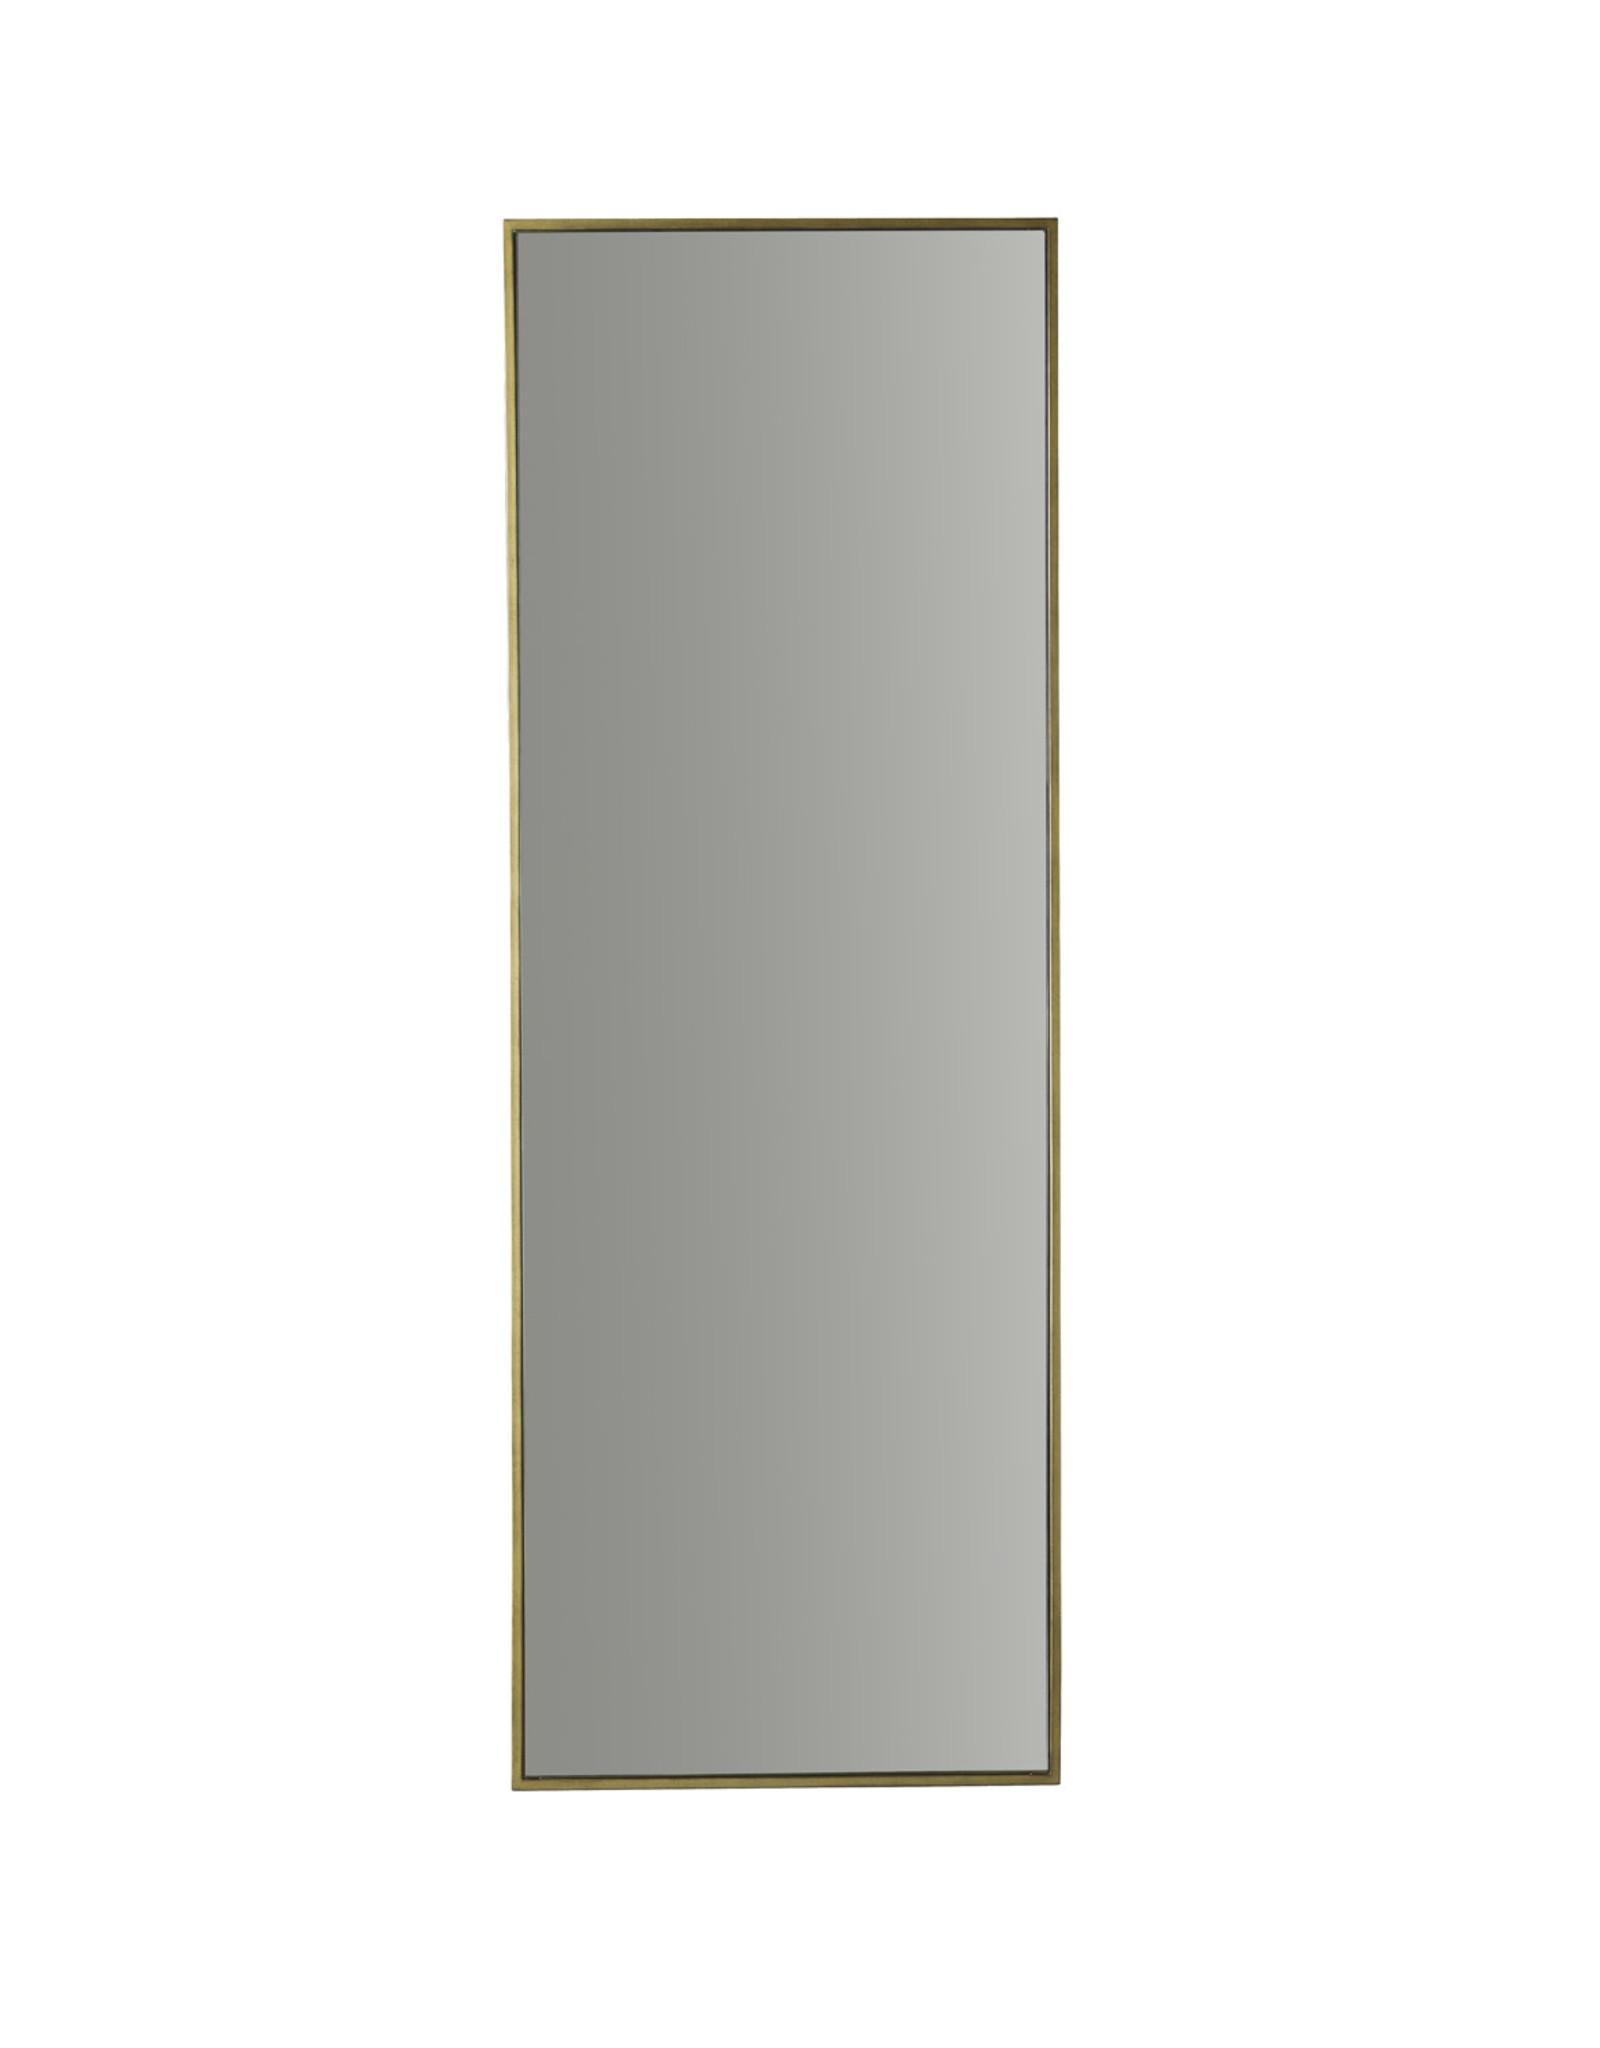 TineK Home spiegel 'Honey' 60 x 170 cm